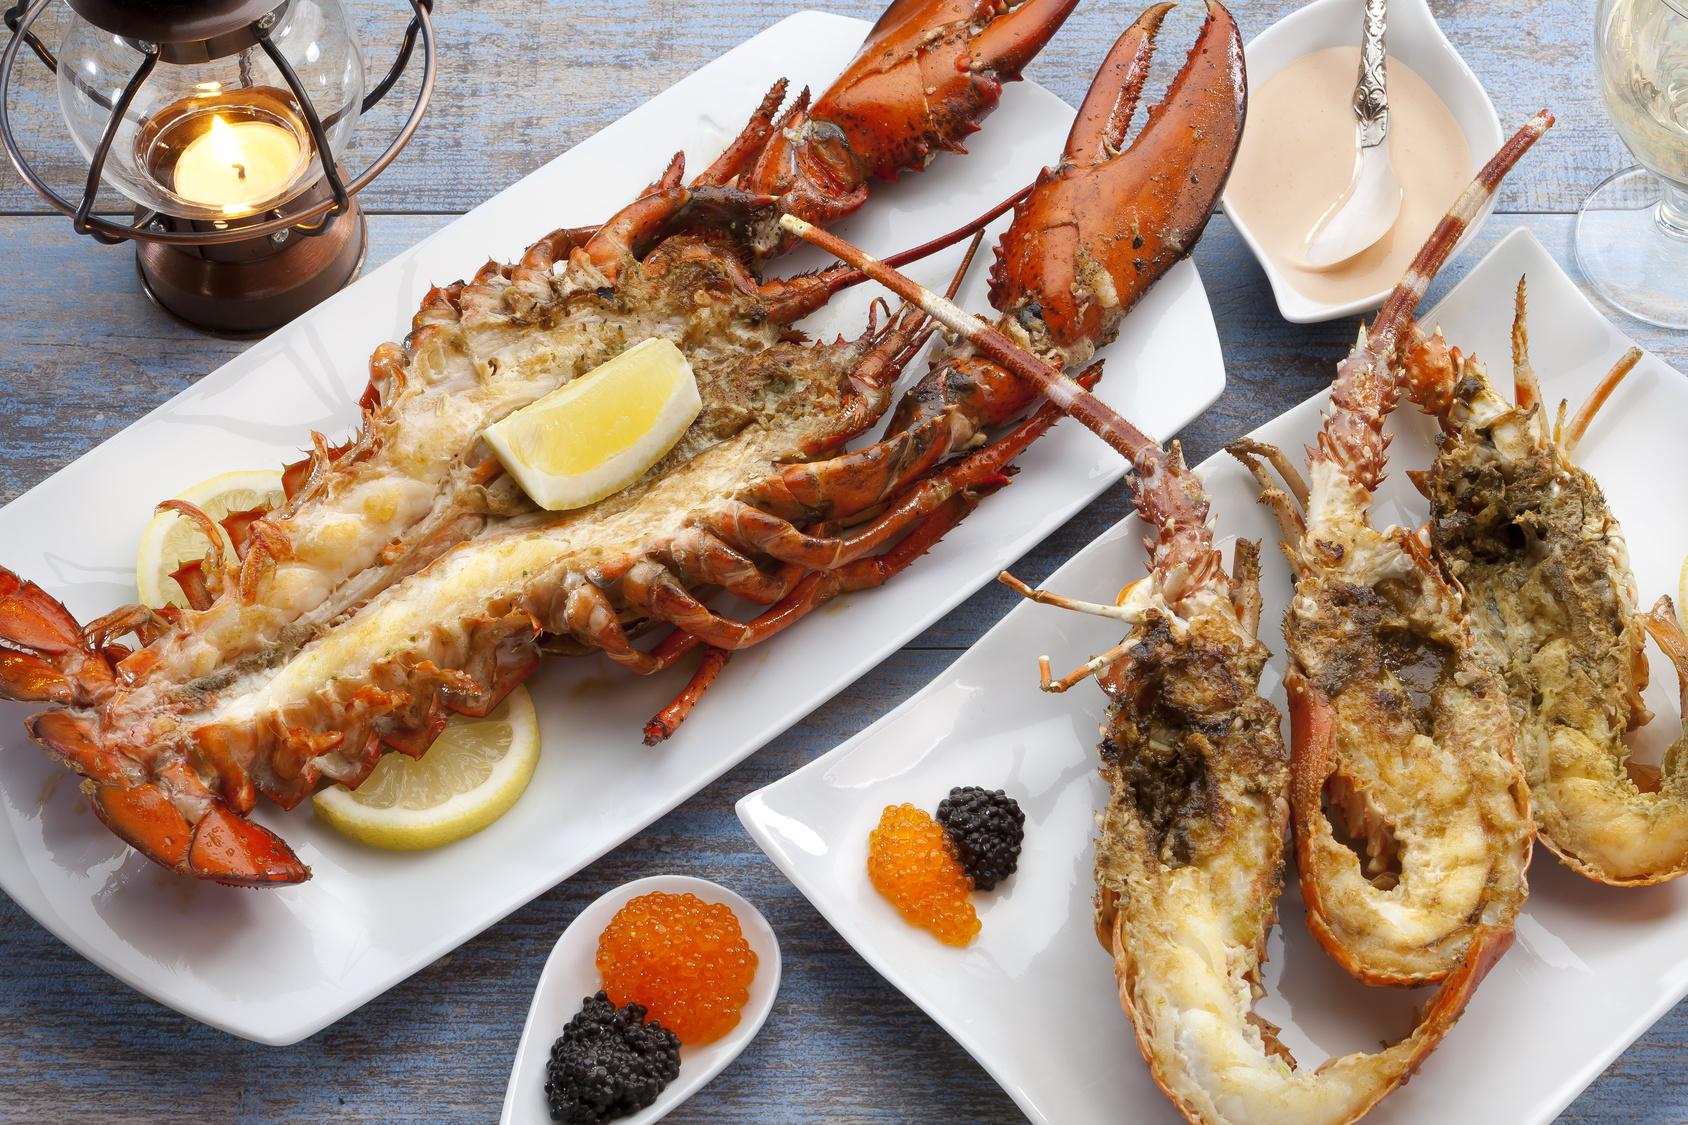 gegrillte Meeresfrüchte sind gut für die Figur